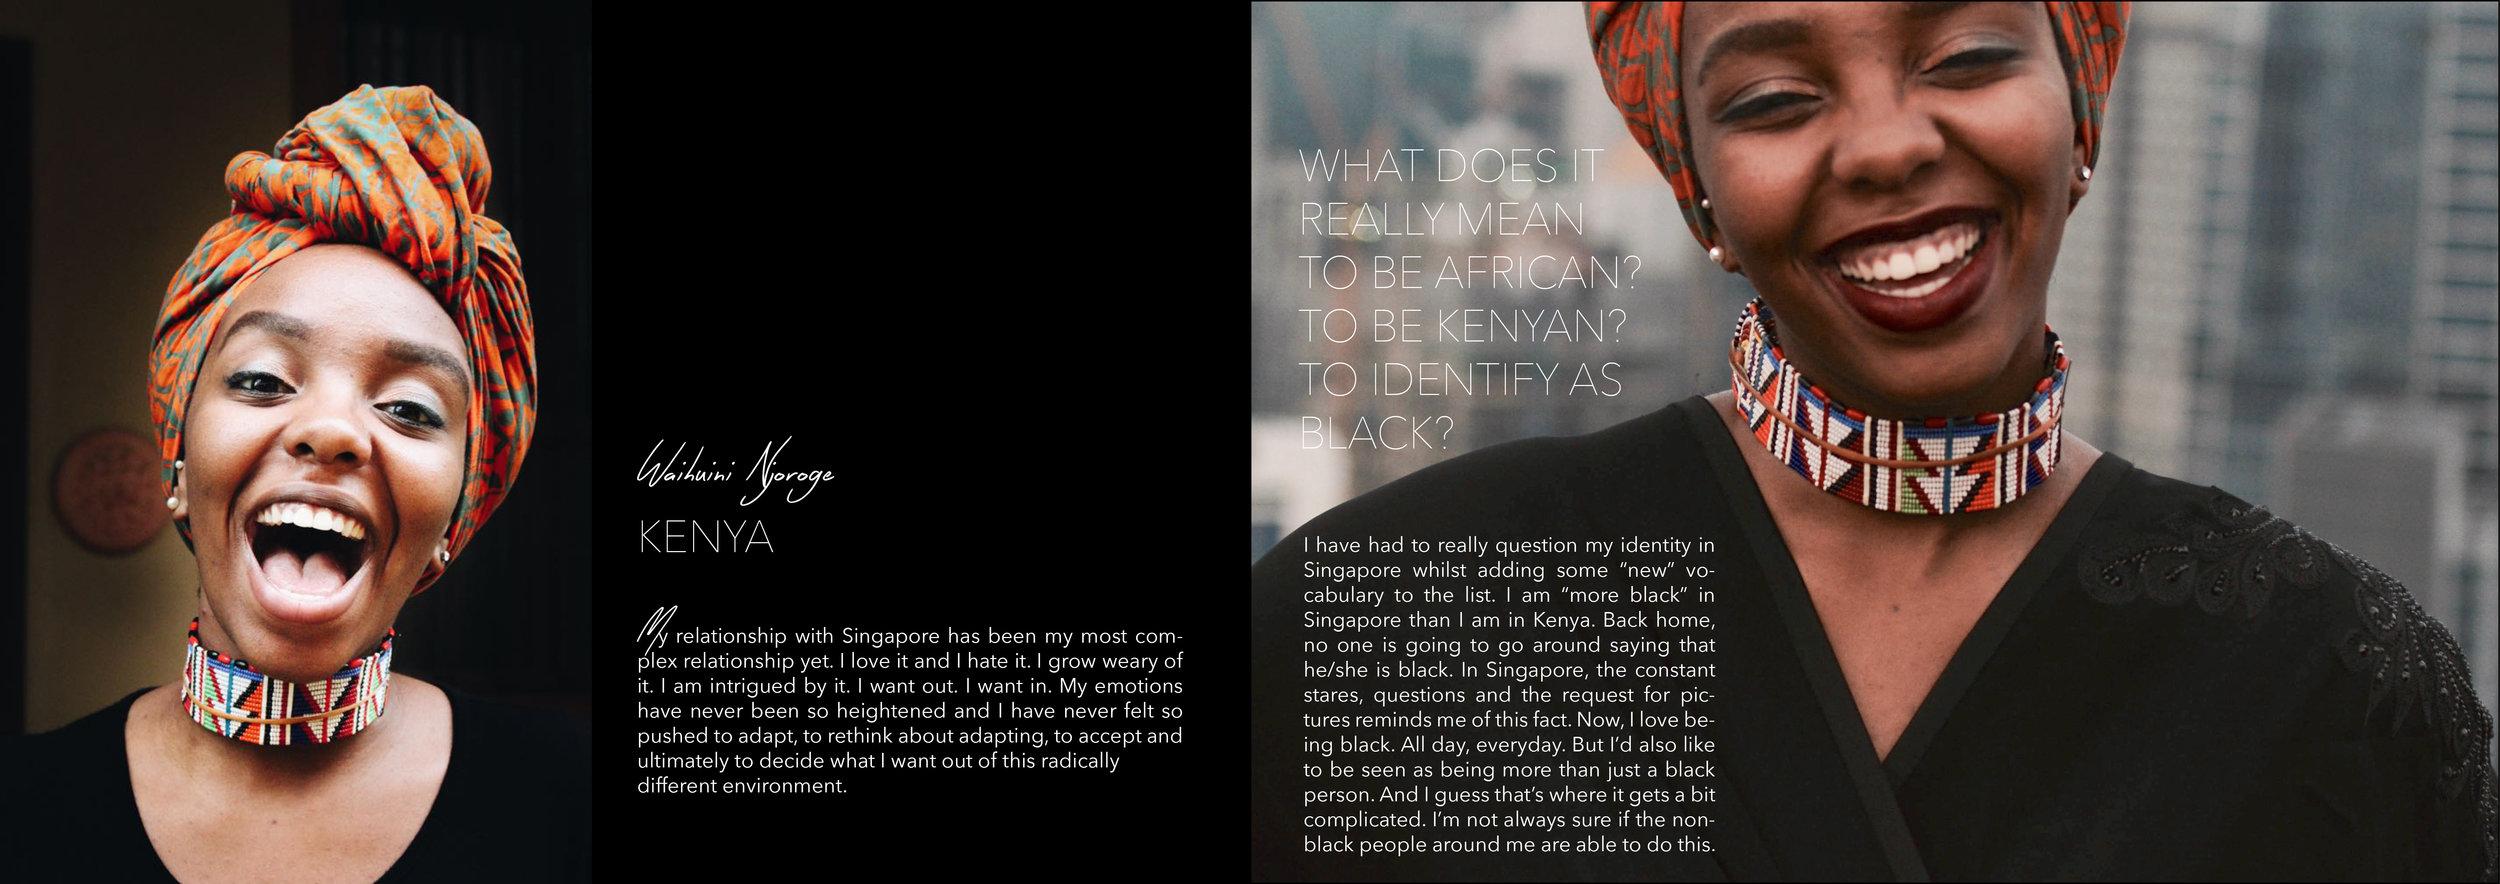 Diaspore Website4.jpg